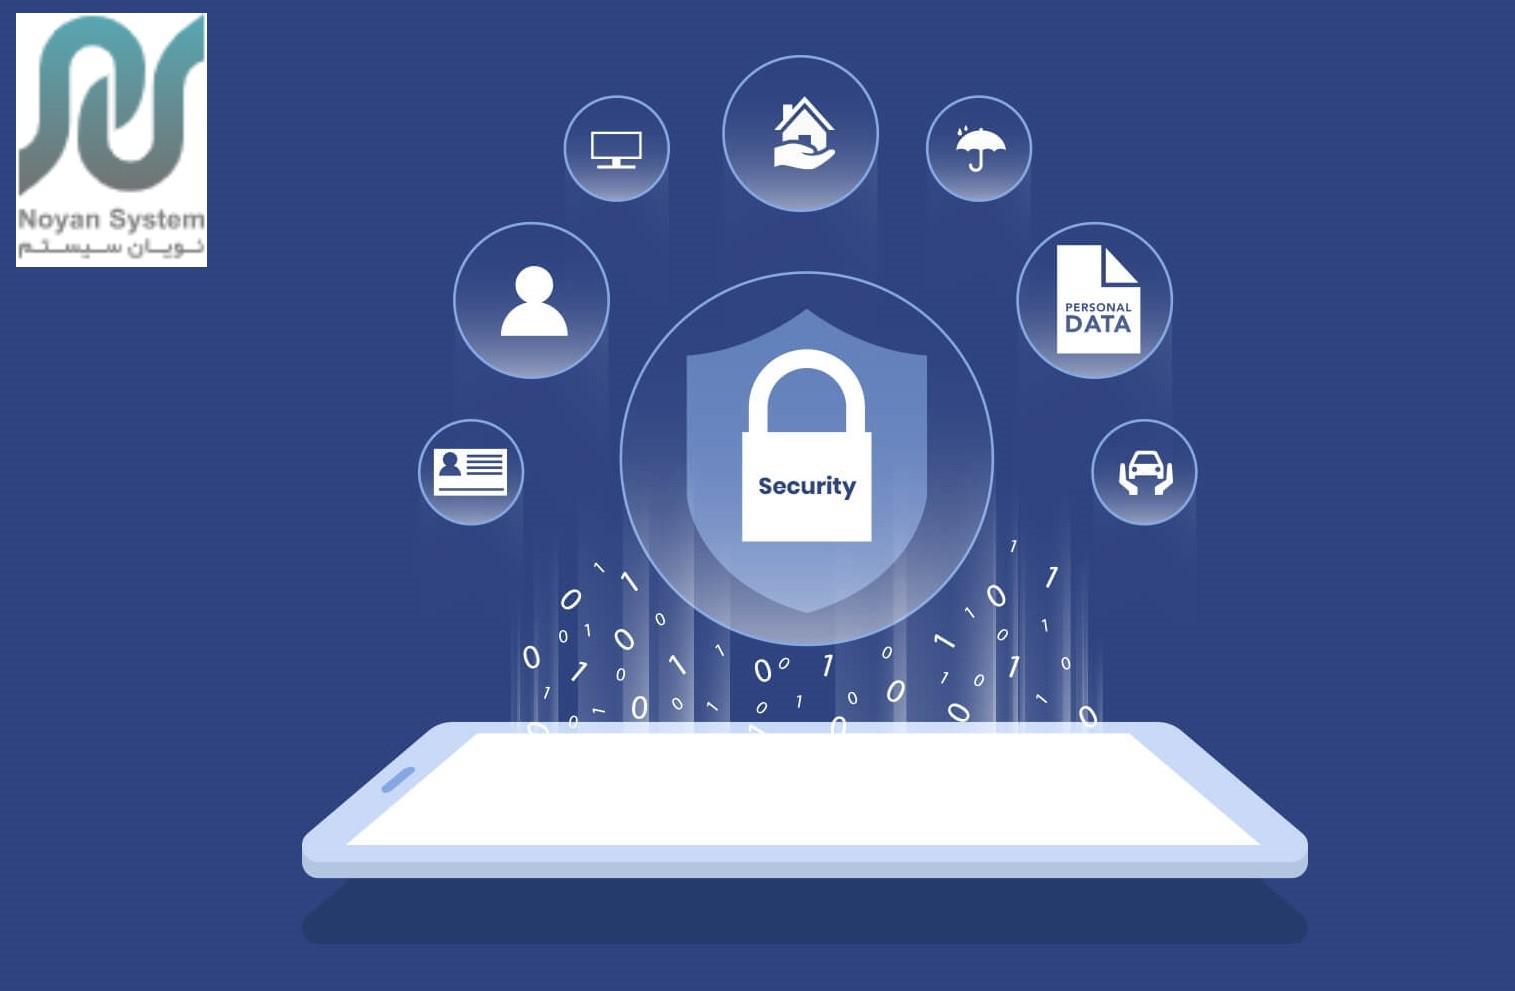 تجارت الکترونیک و فناوری اطلاعات در صنعت بیمه